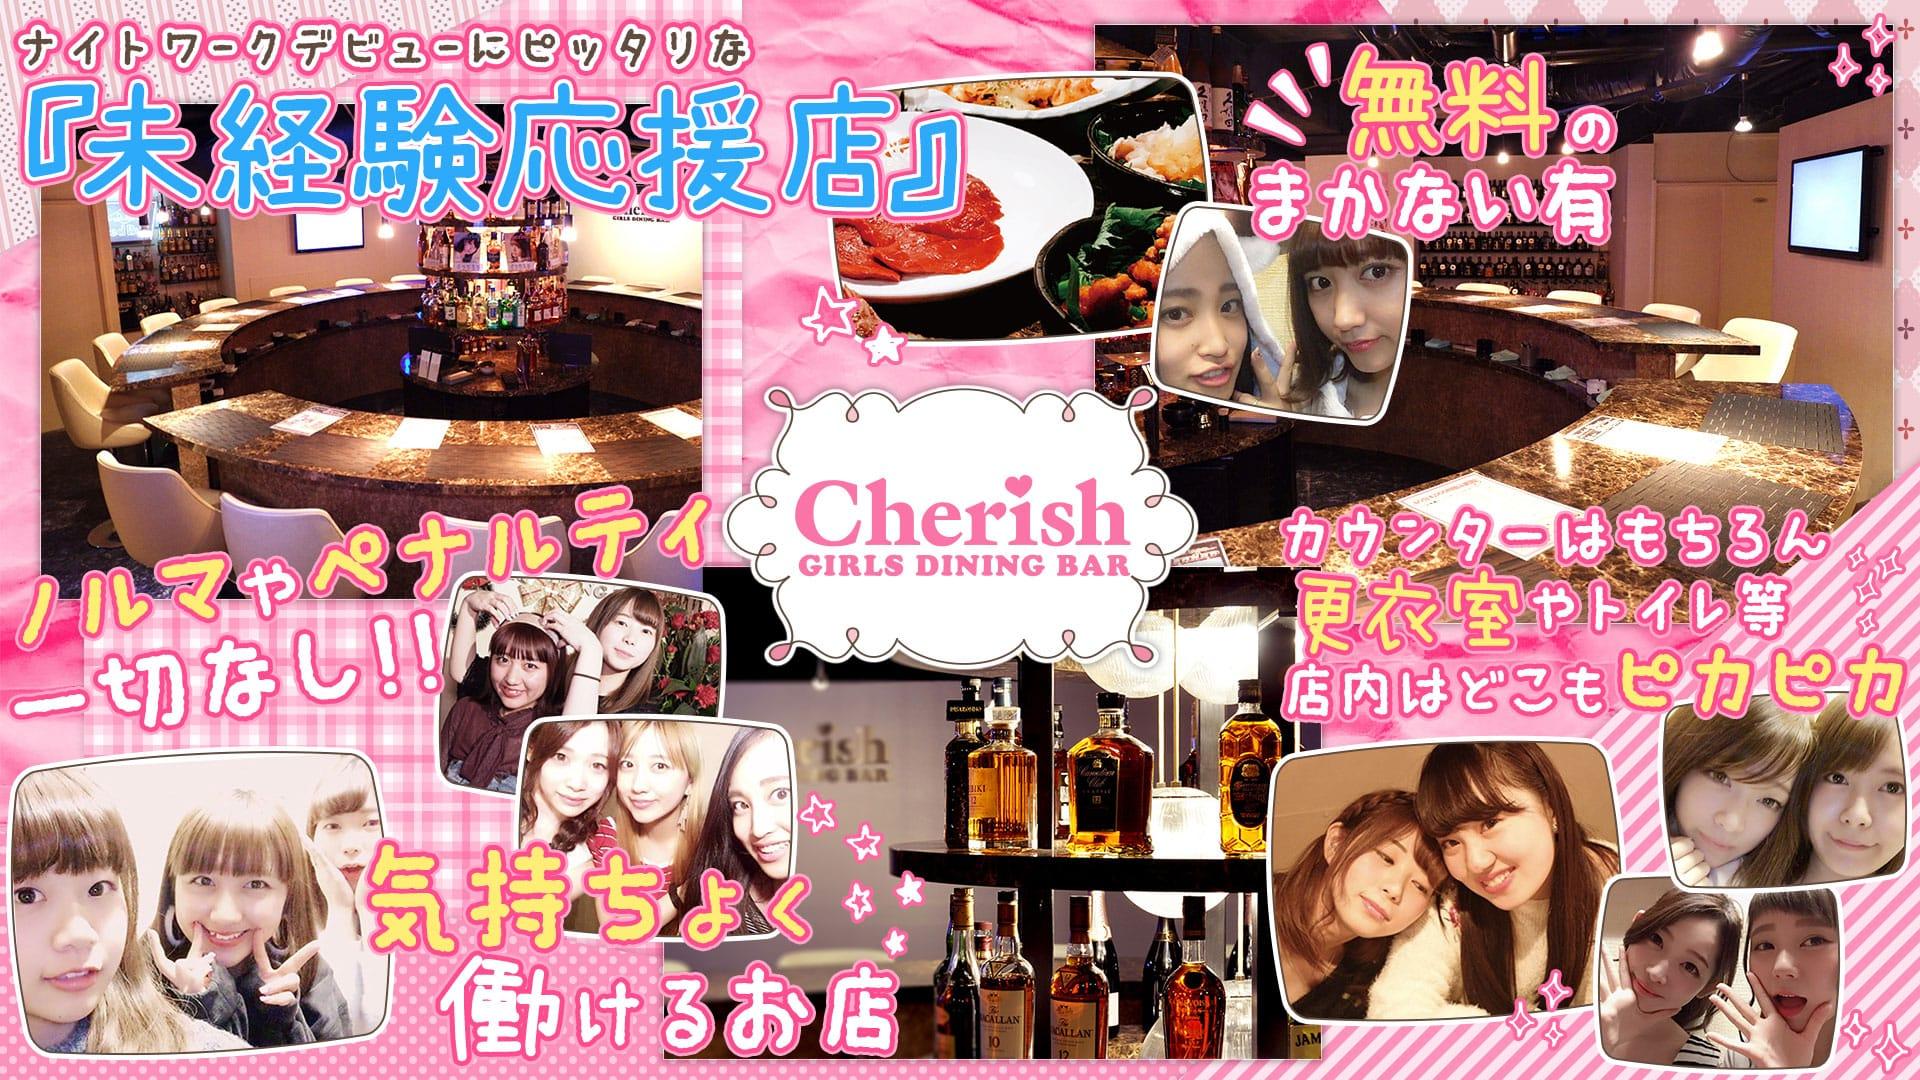 チェリッシュ1号店(GIRLS DINING BAR Cherish) 池袋ガールズバー TOP画像